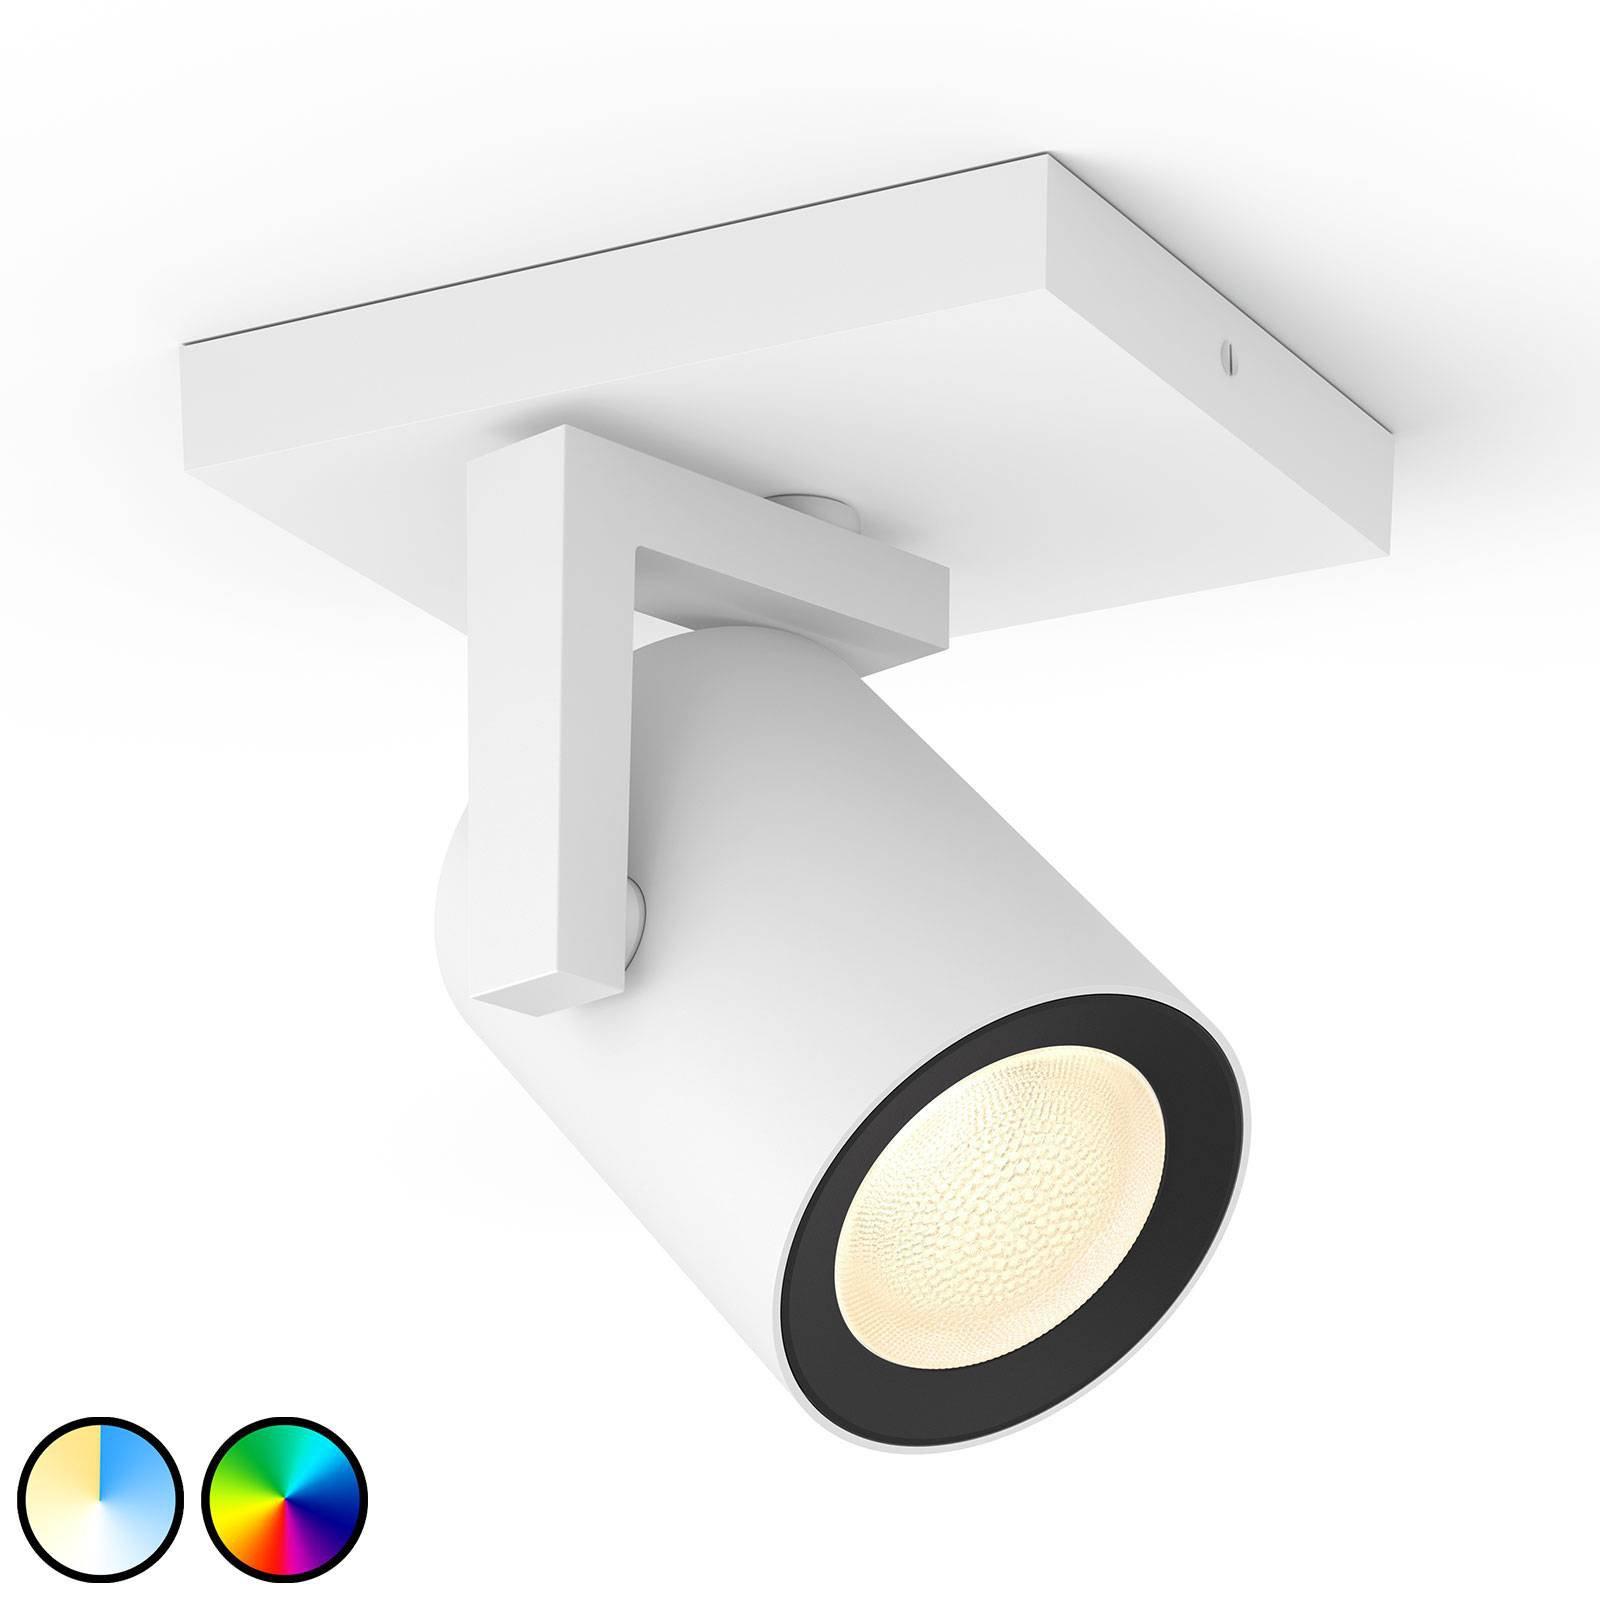 Philips Hue Argenta LED-spot en lyskilde hvit